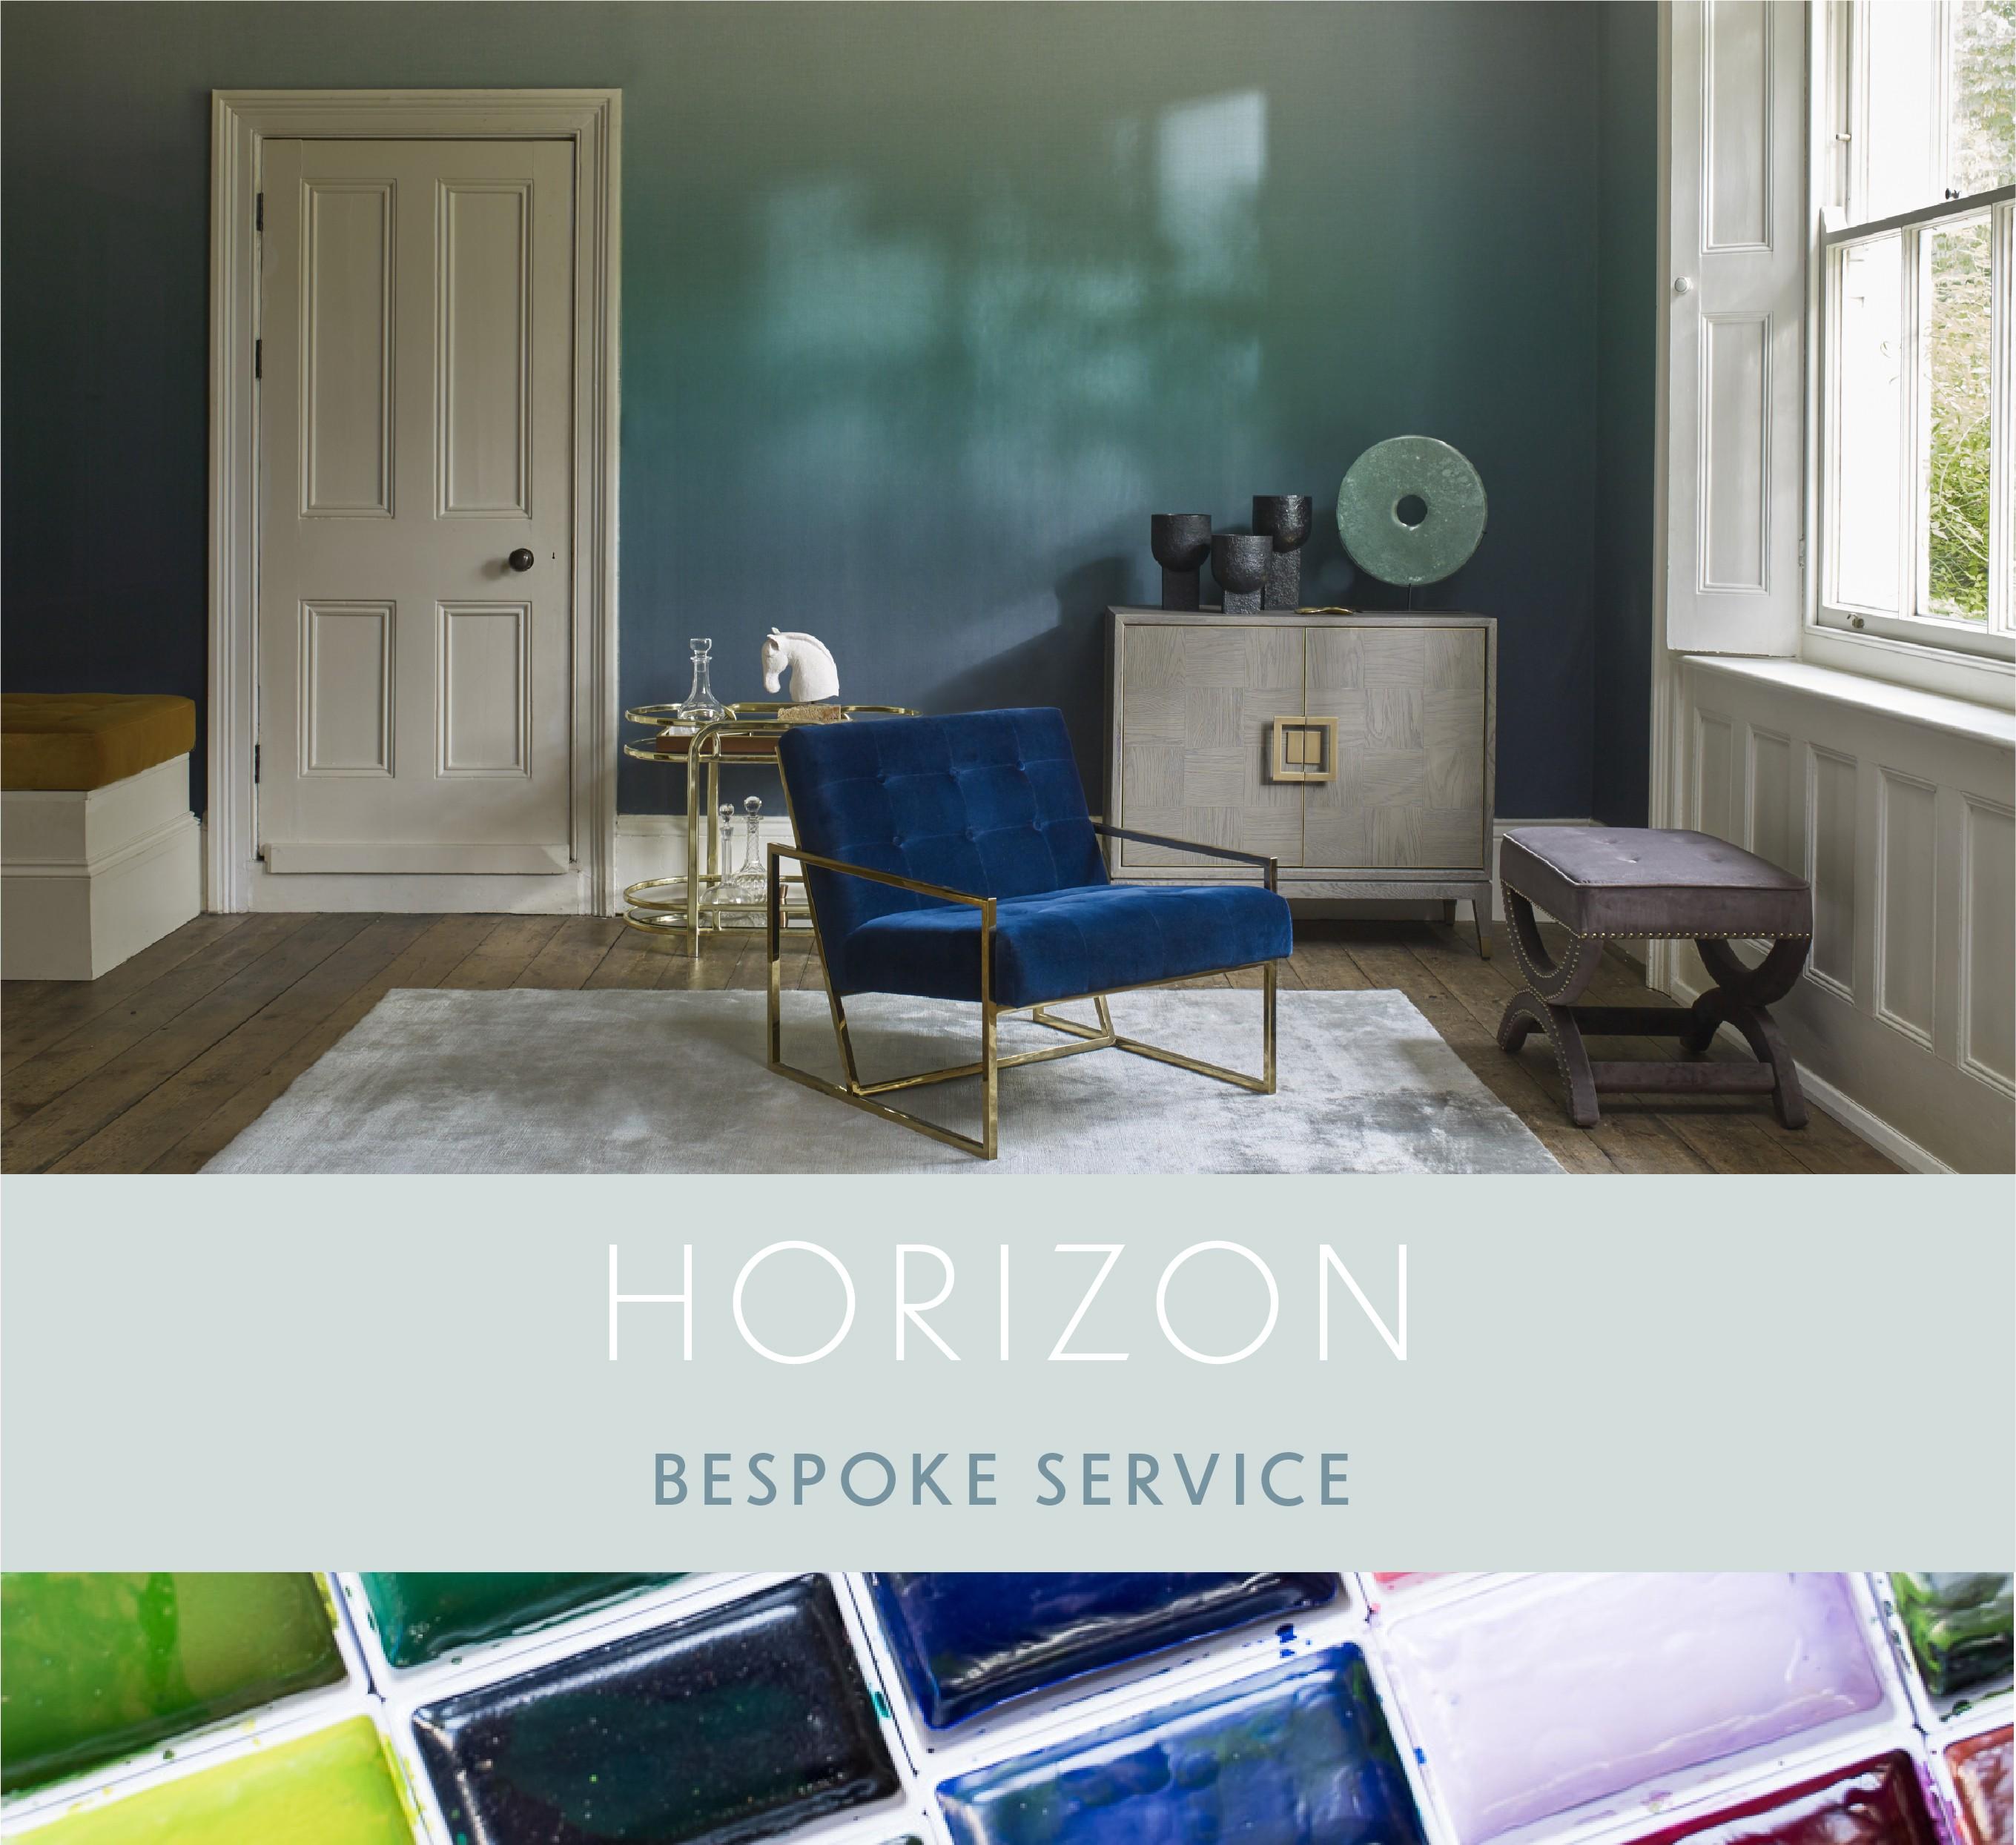 bespoke design service for horizon wallpaper